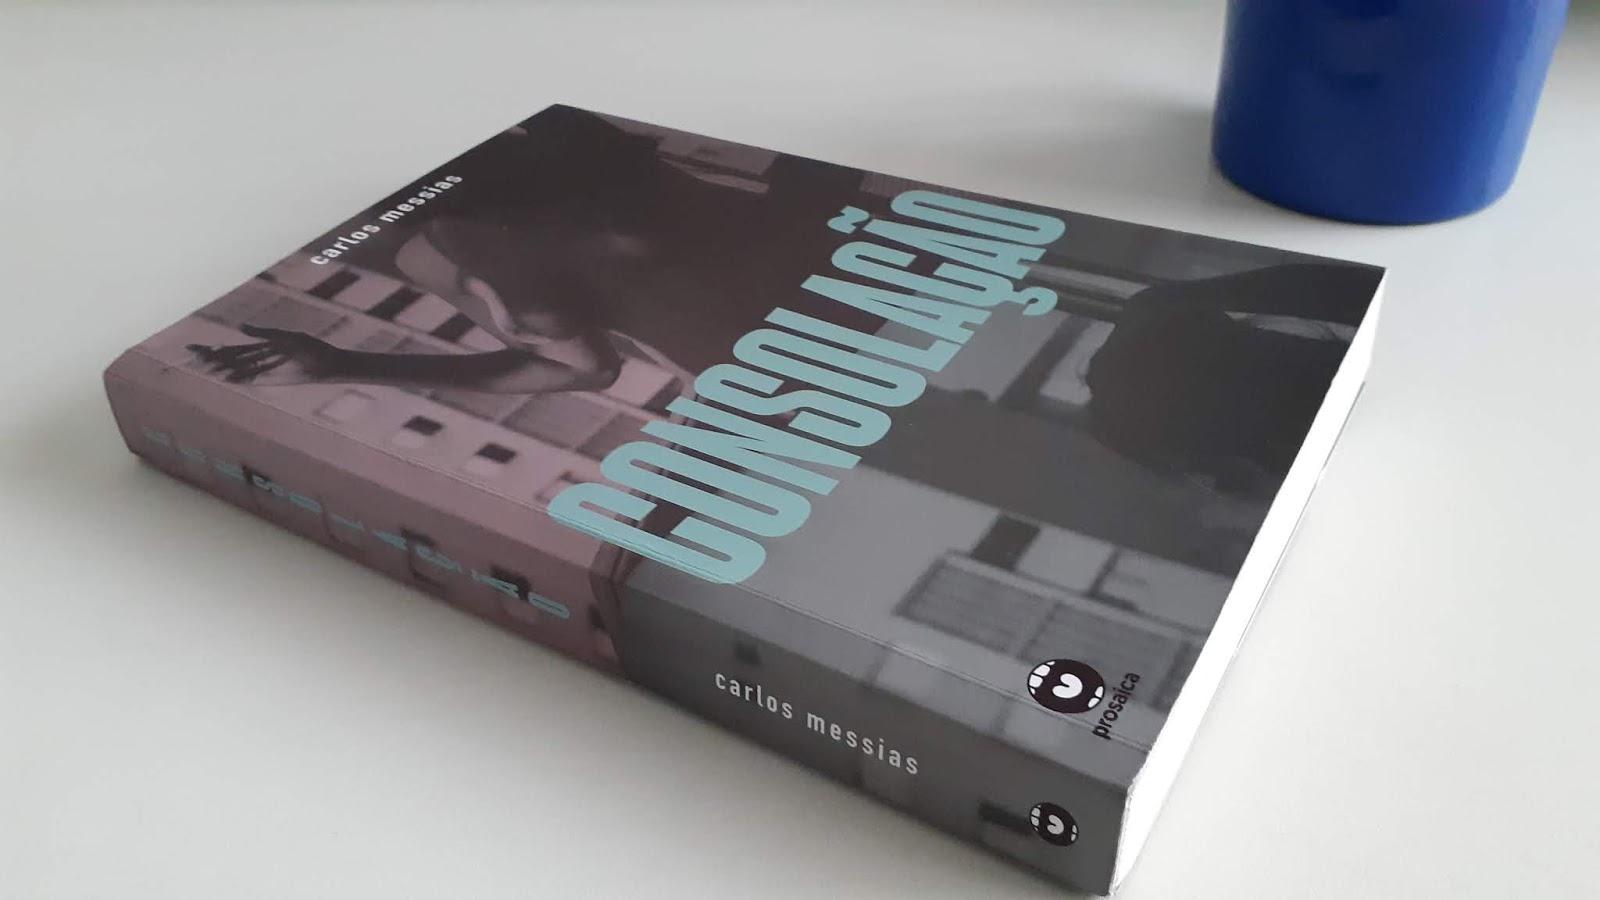 Consolação, foto do livro de Carlos Messias